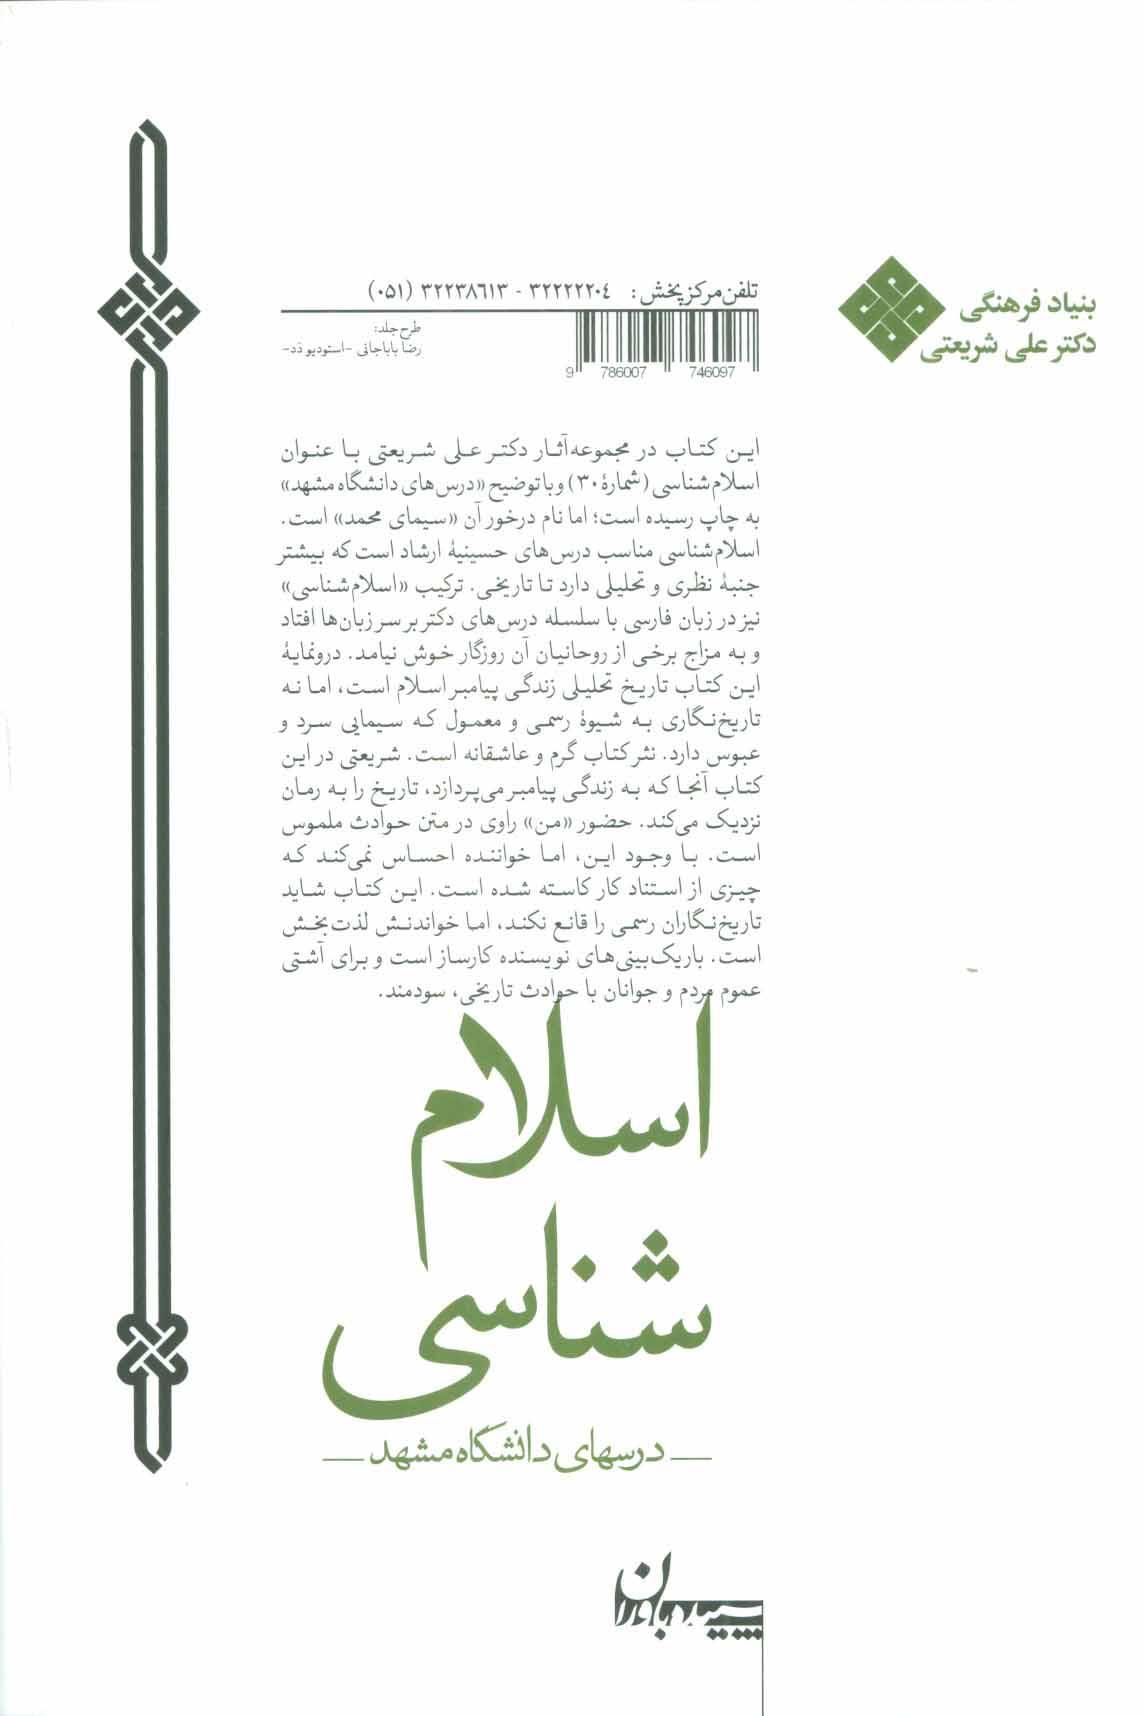 اسلام شناسی:درس های دانشگاه مشهد (مجموعه آثار30)